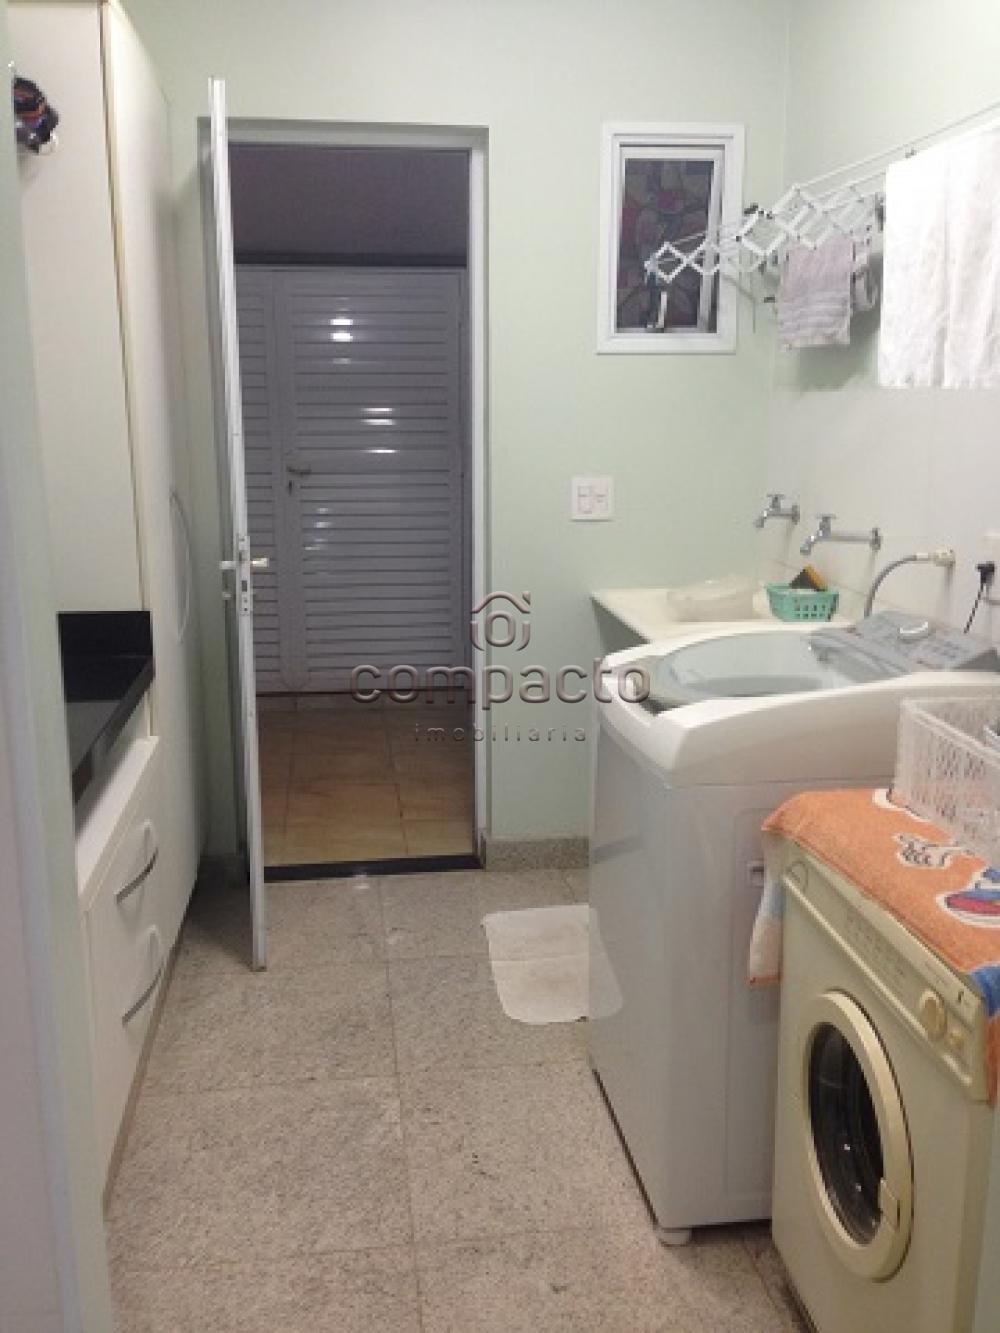 Comprar Casa / Padrão em São José do Rio Preto apenas R$ 850.000,00 - Foto 20